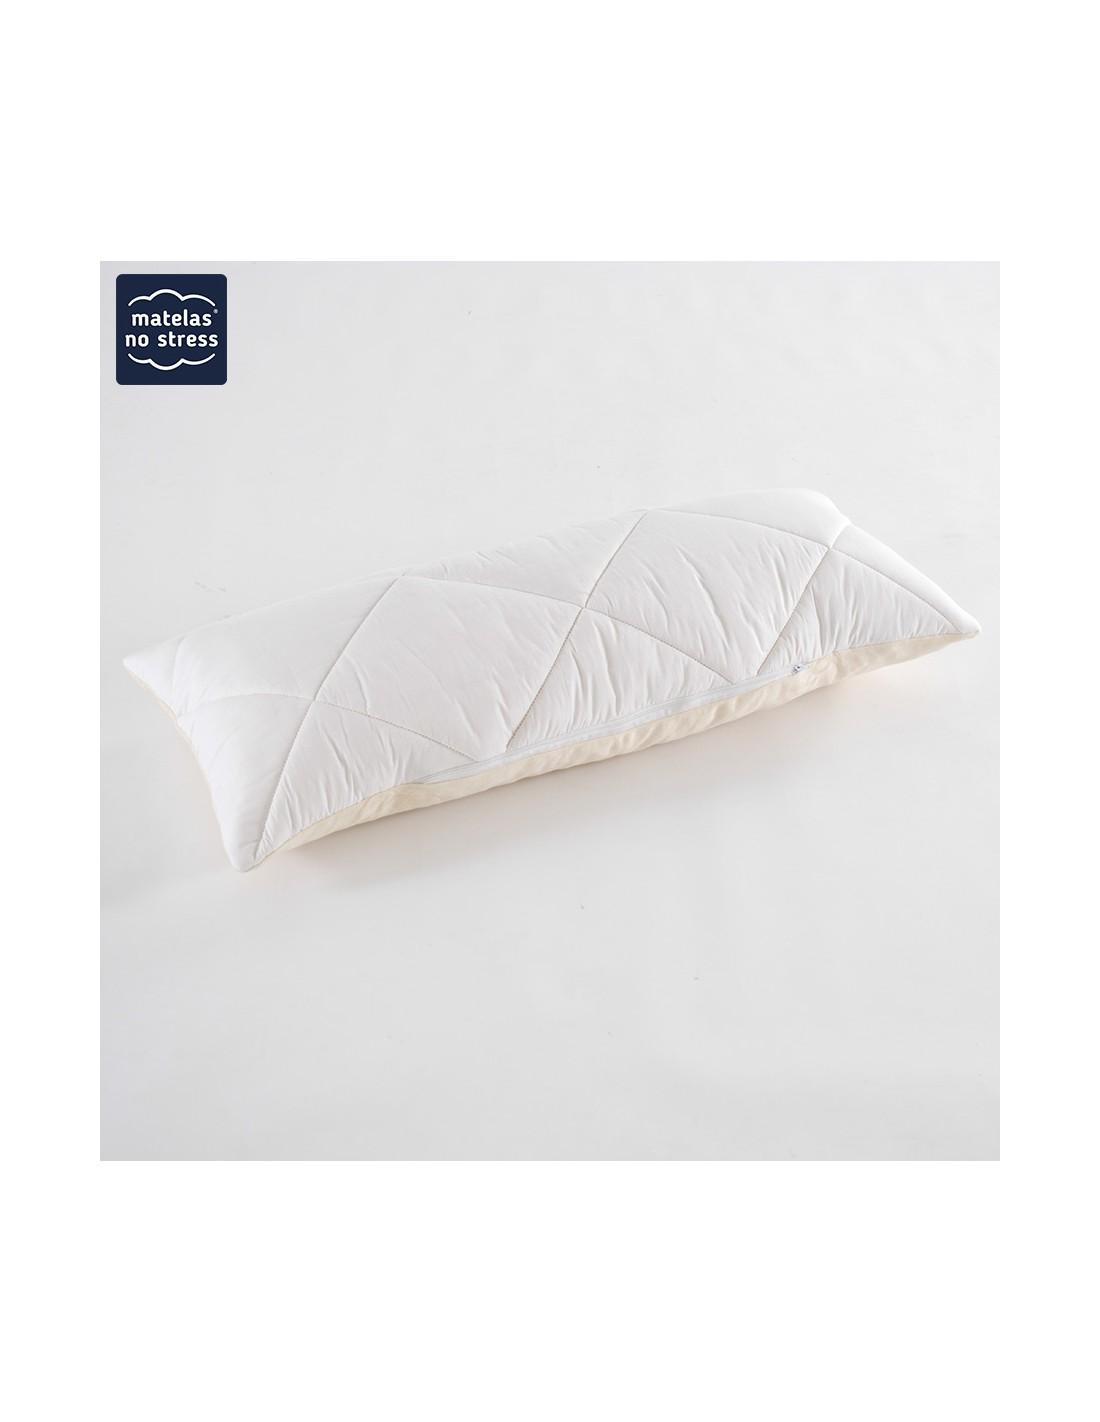 traversin 160 cm naturel. Black Bedroom Furniture Sets. Home Design Ideas